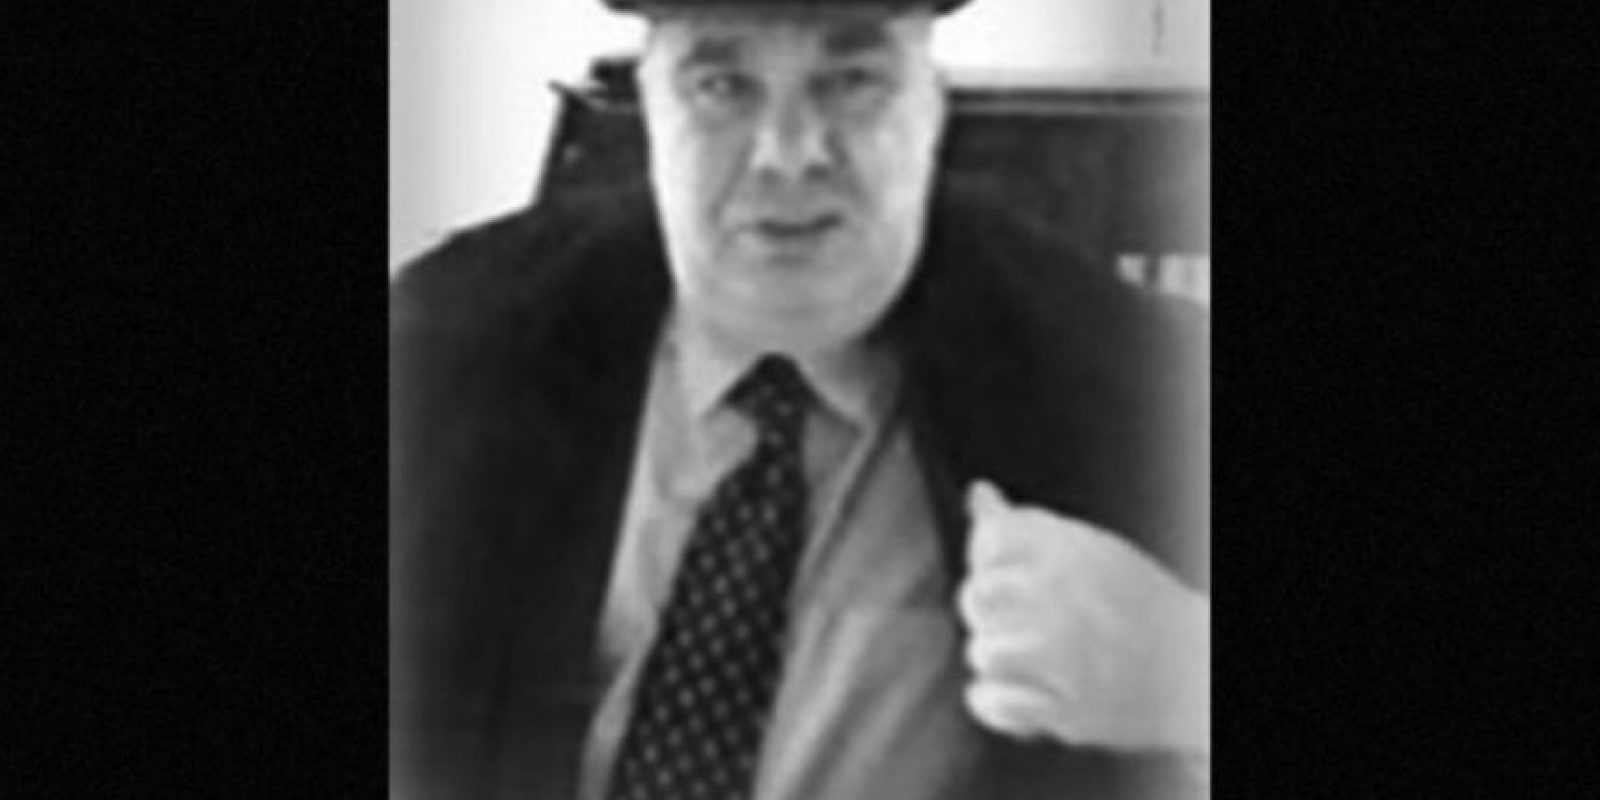 5. Semion Mogilevich. El ucraniano es buscado por un fraude millonario cometido entre 1993 y 1998 Foto:fbi.gov/wanted/topten. Imagen Por: